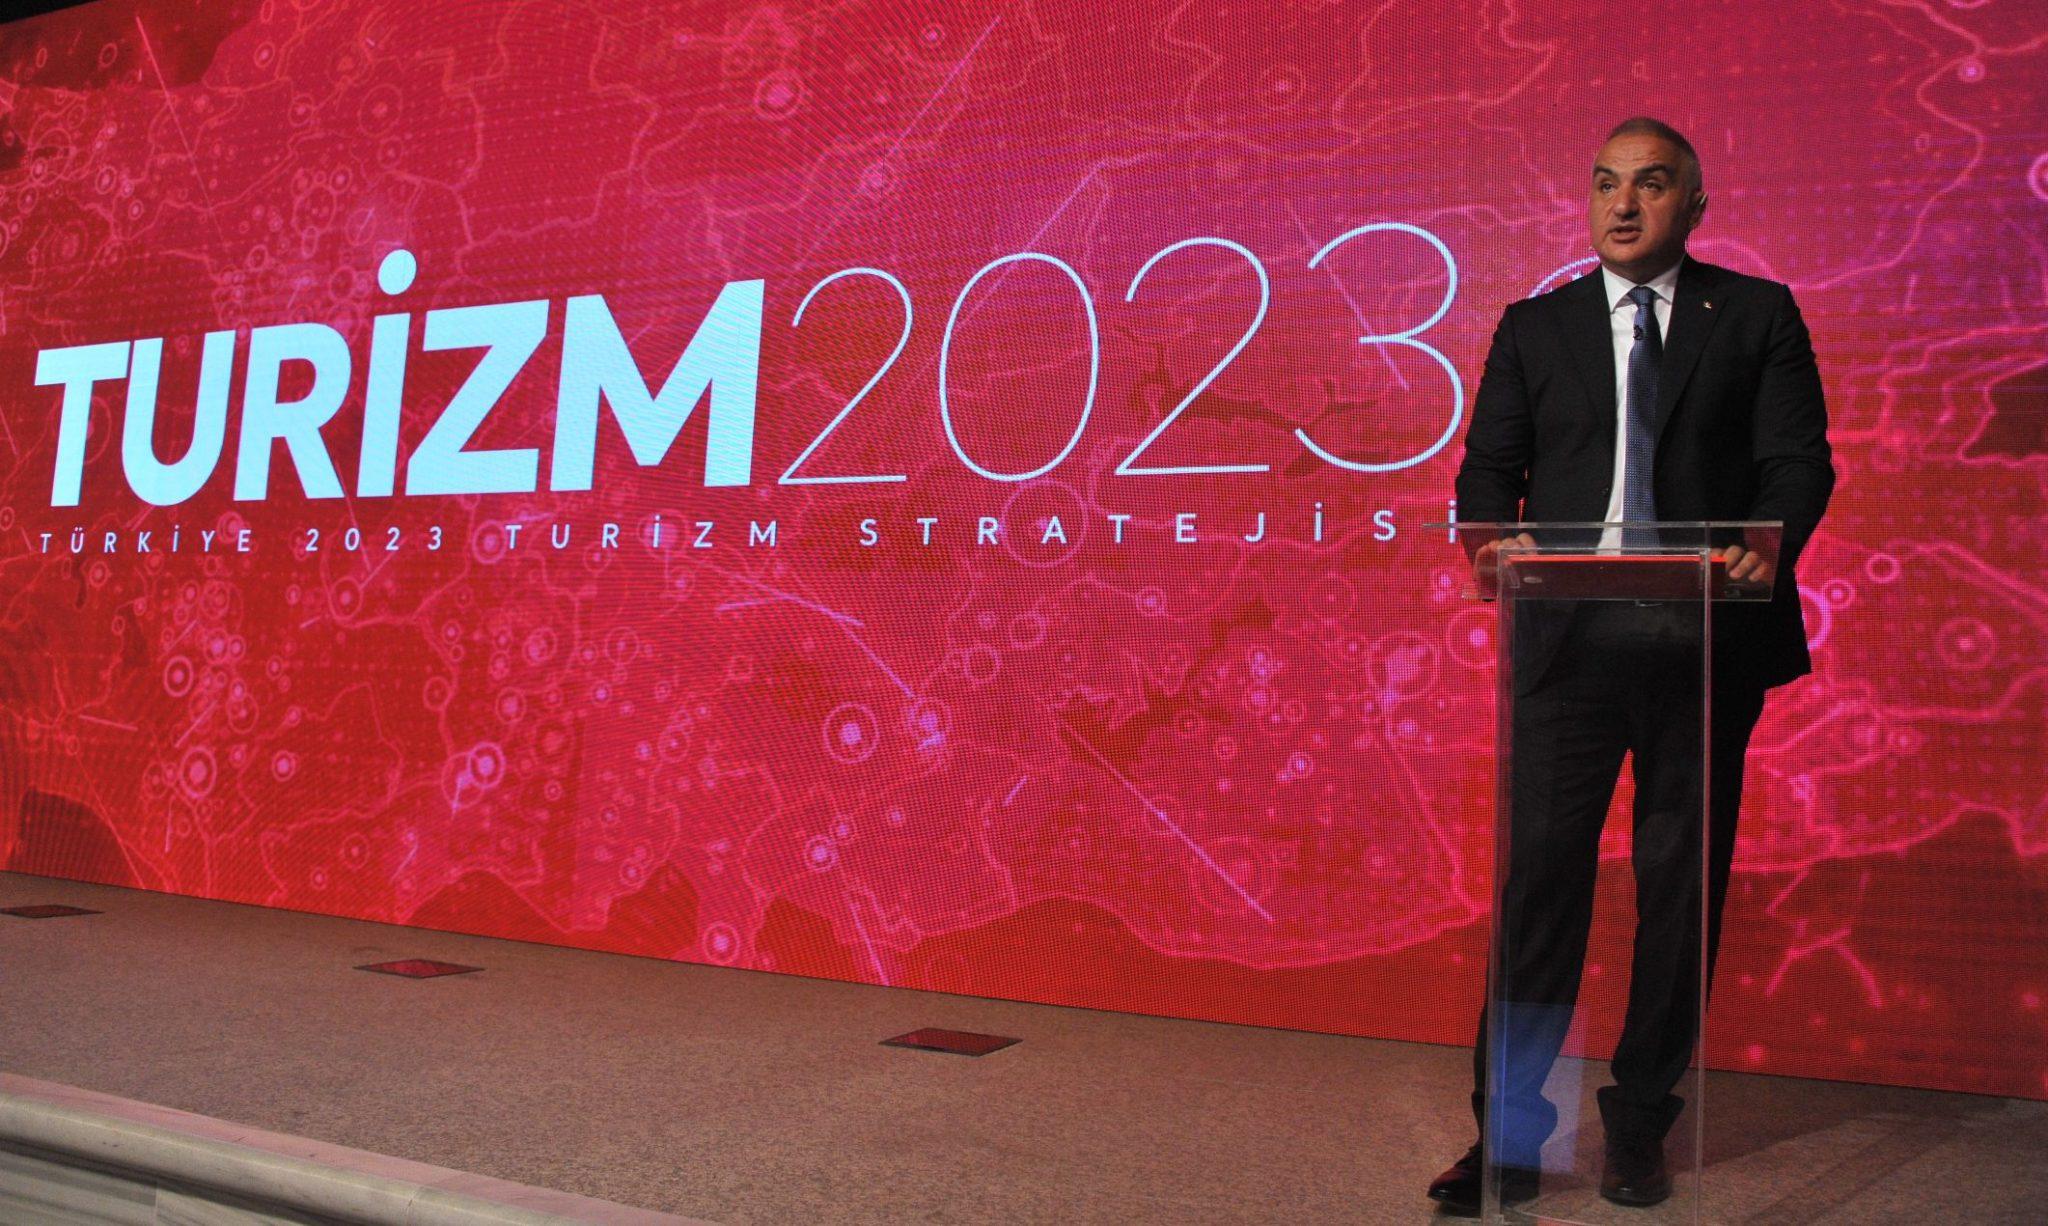 Турция разкри туристическата си стратегия до 2023 г.